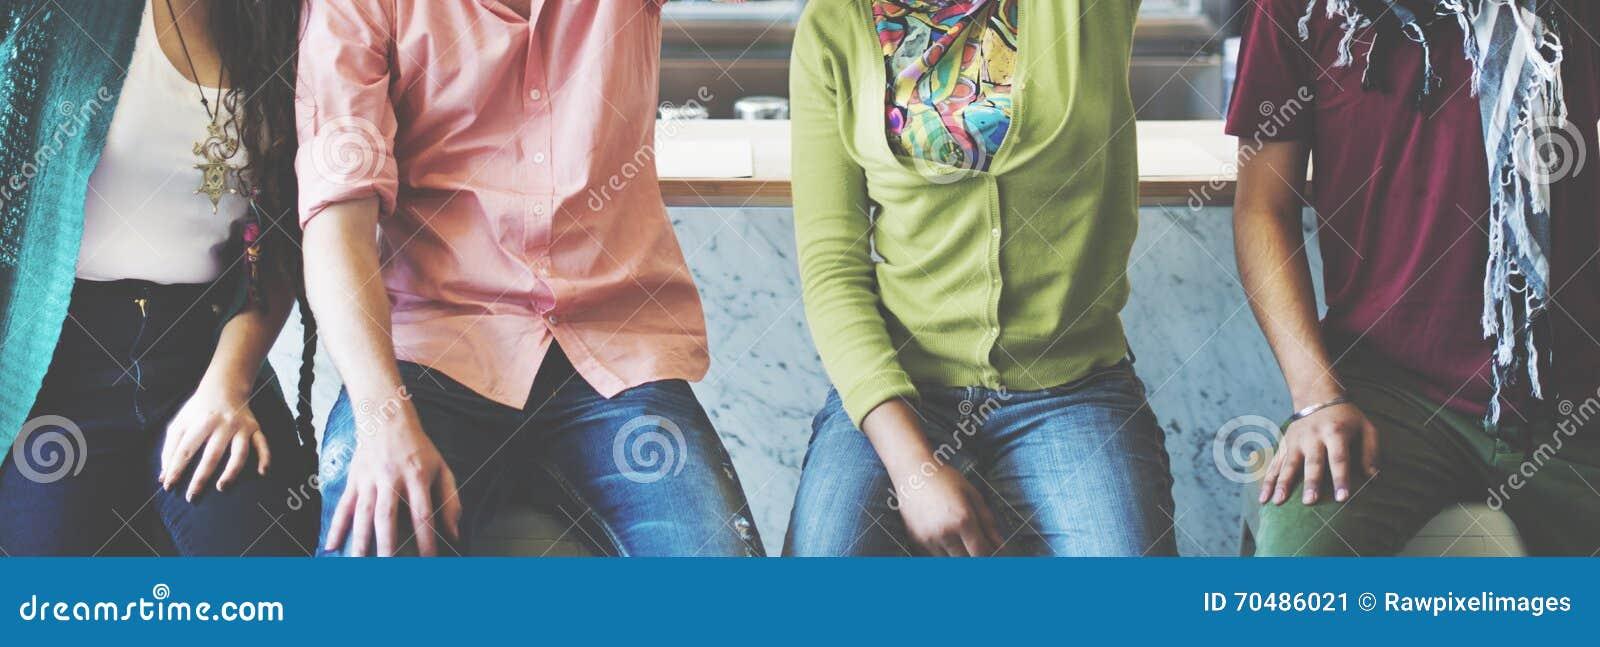 Concept van de de Vriendenvriendschap van tienerjarenstudenten het Universitaire